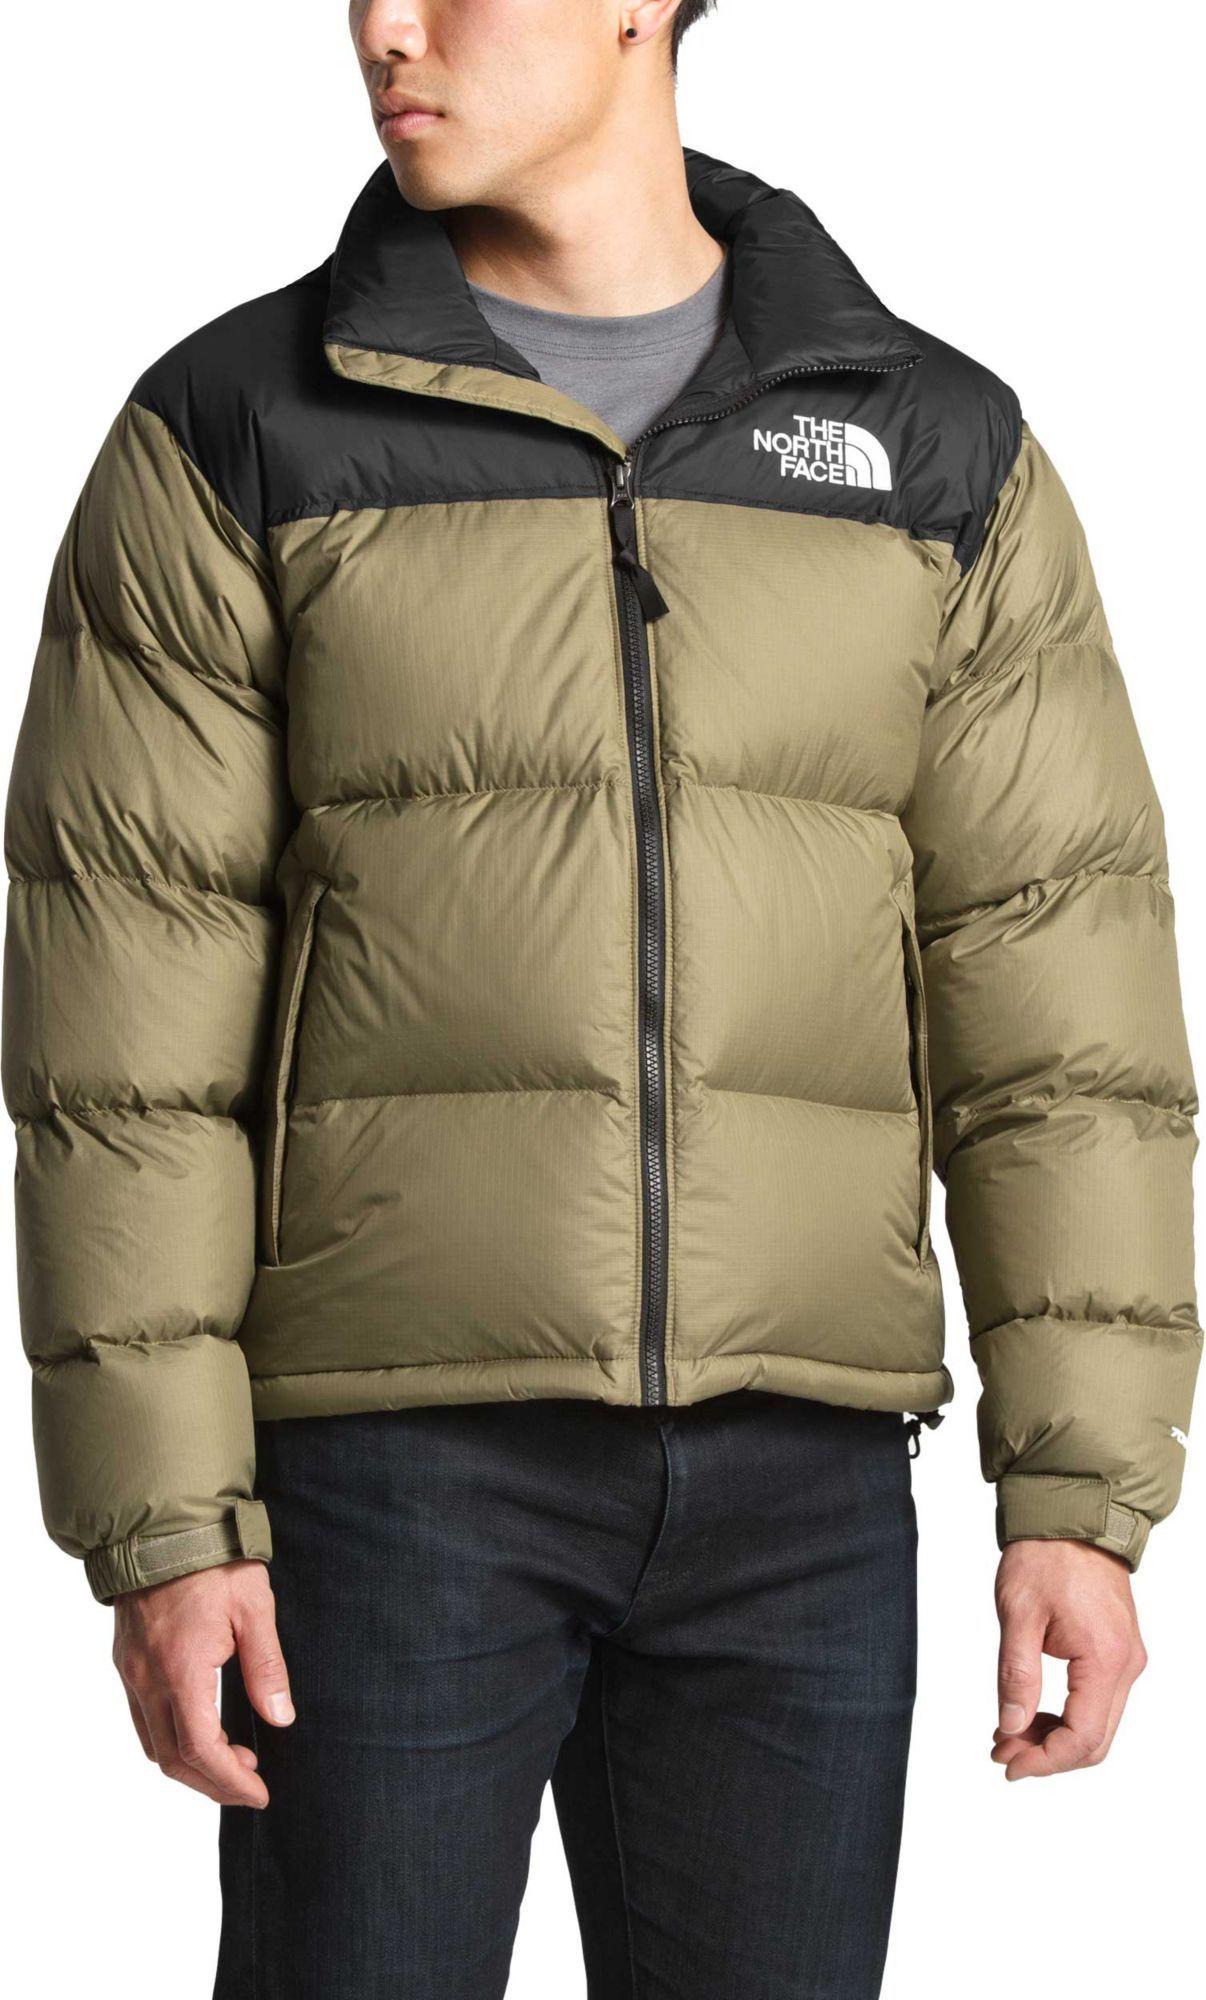 The North Face Men S 1996 Retro Nuptse Jacket Jackets North Face Mens North Face Jacket